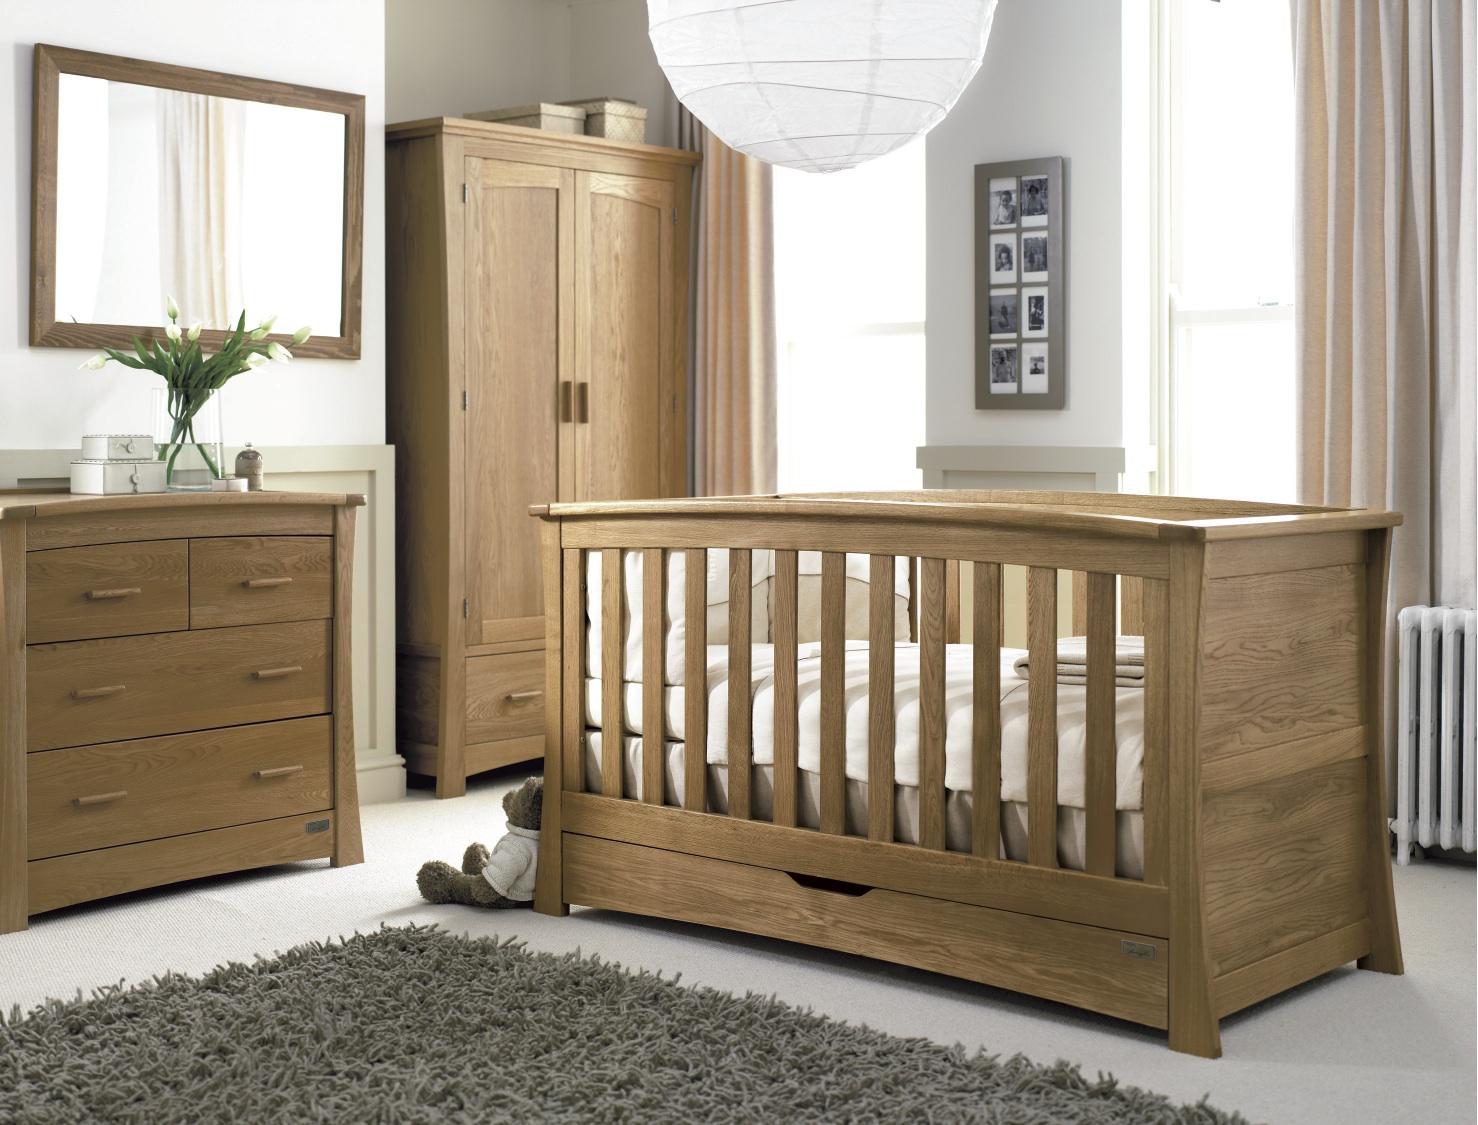 Deco chambre bebe belgique - Famille et bébé